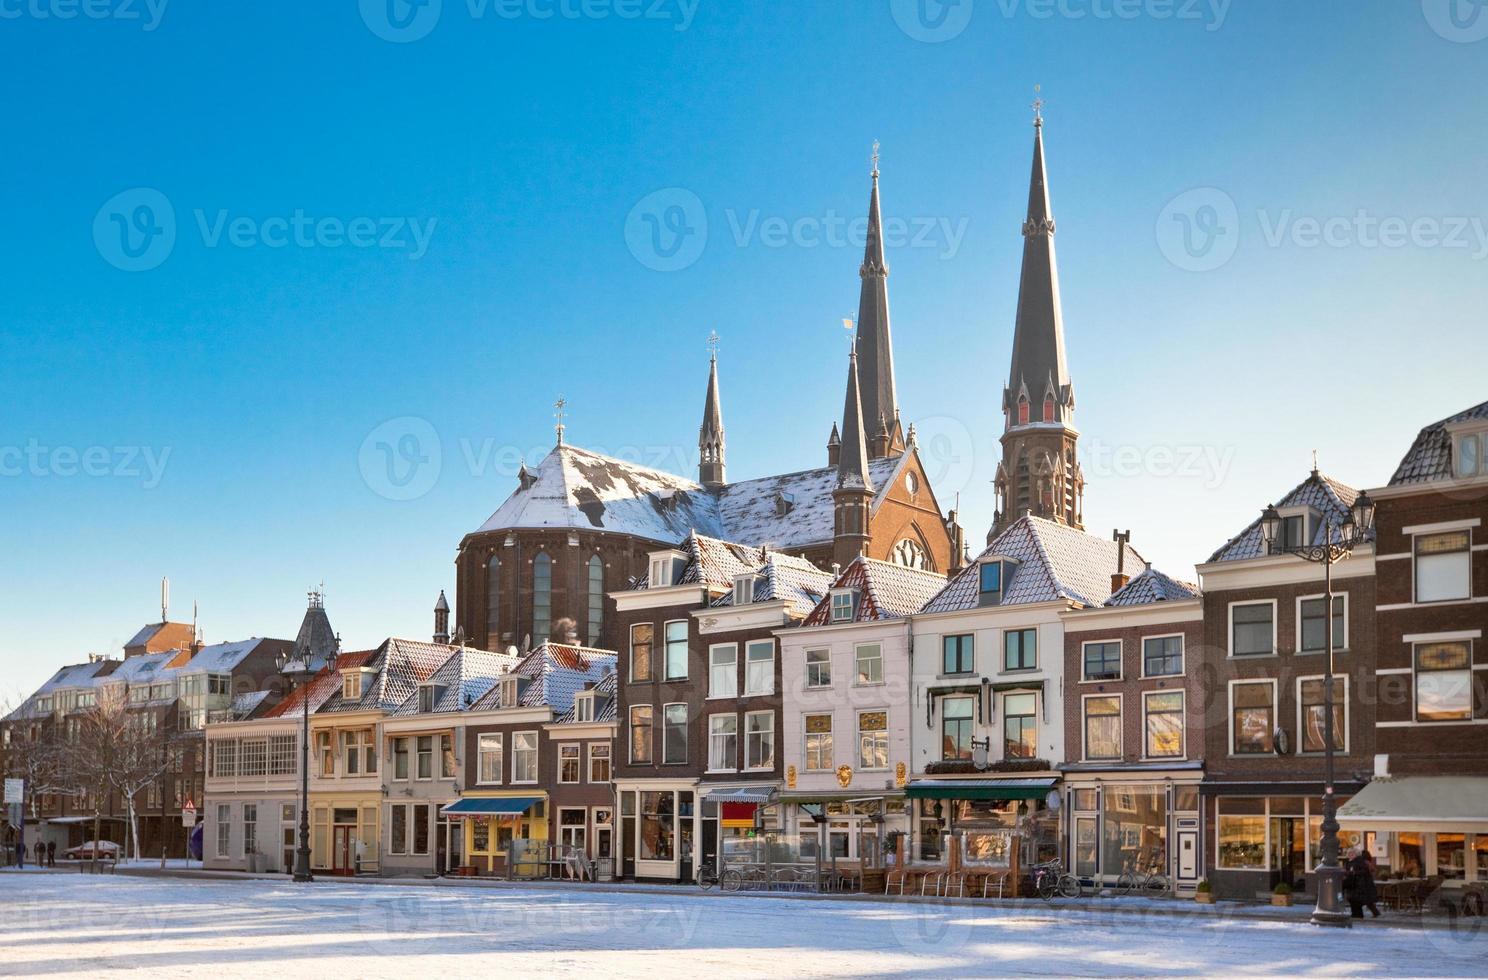 praça principal de Delft no inverno foto